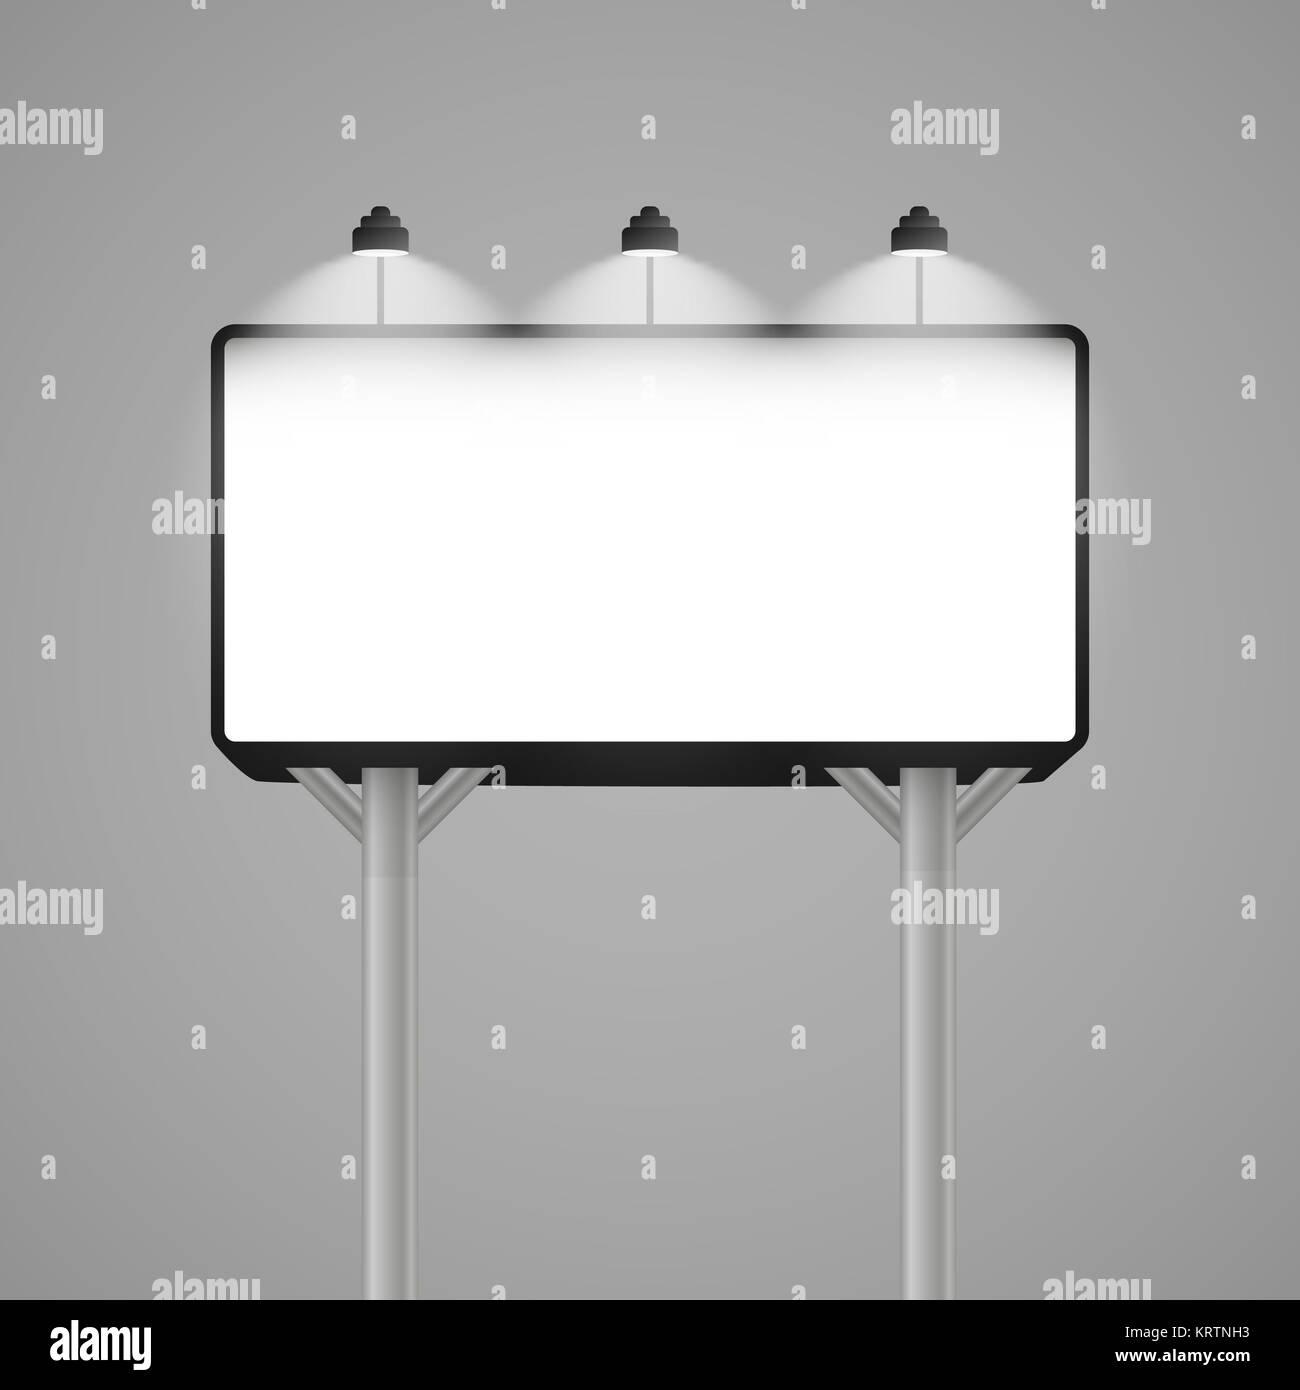 Reklametafeln mockup. Vector Illustration EPS 10. Stockbild